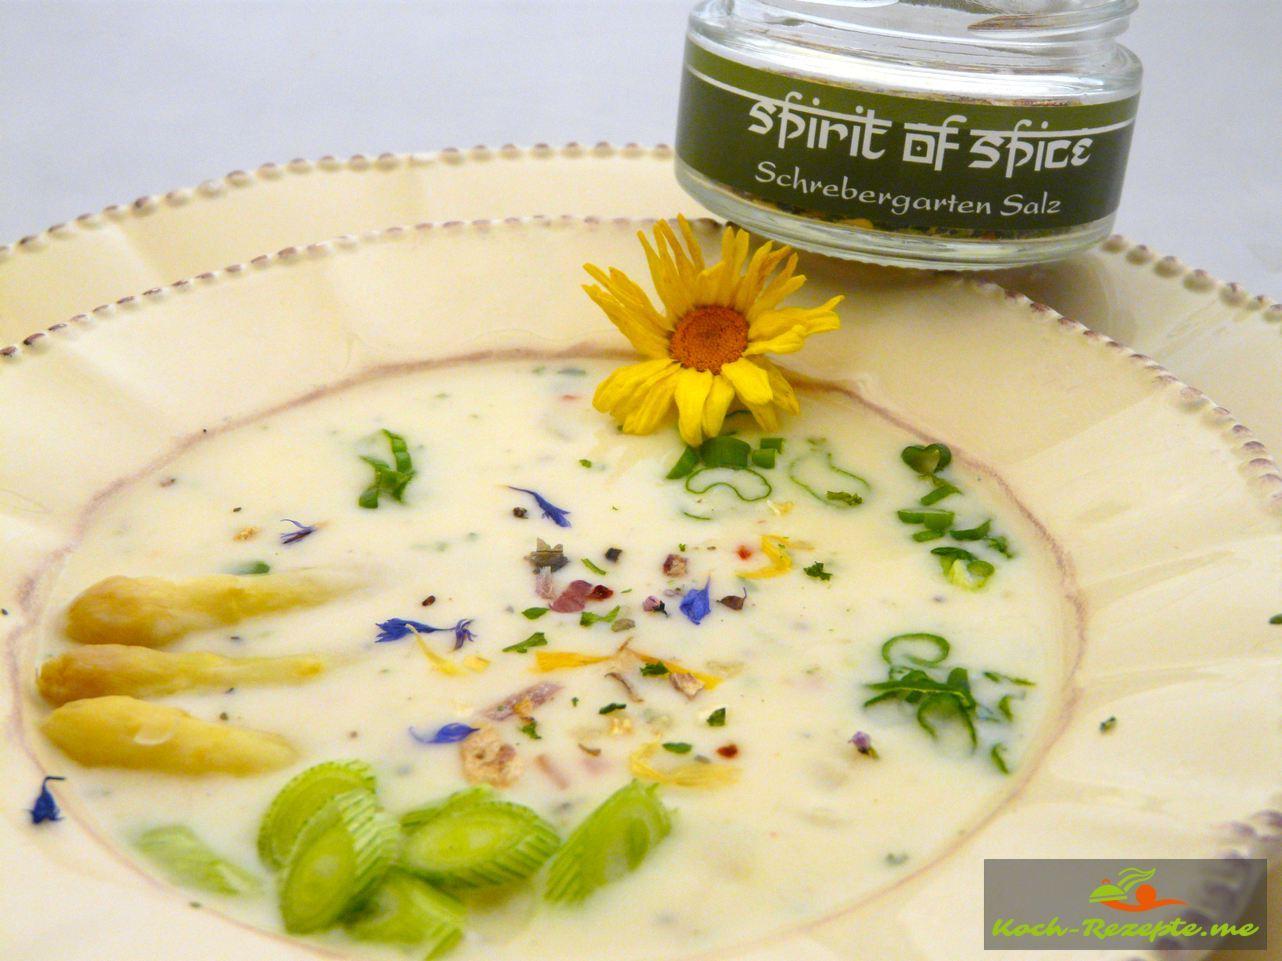 Spargel-Schrebergarten Suppe mit Schmelzkäse mit Schrebergarten Salz von Spirit of Spice